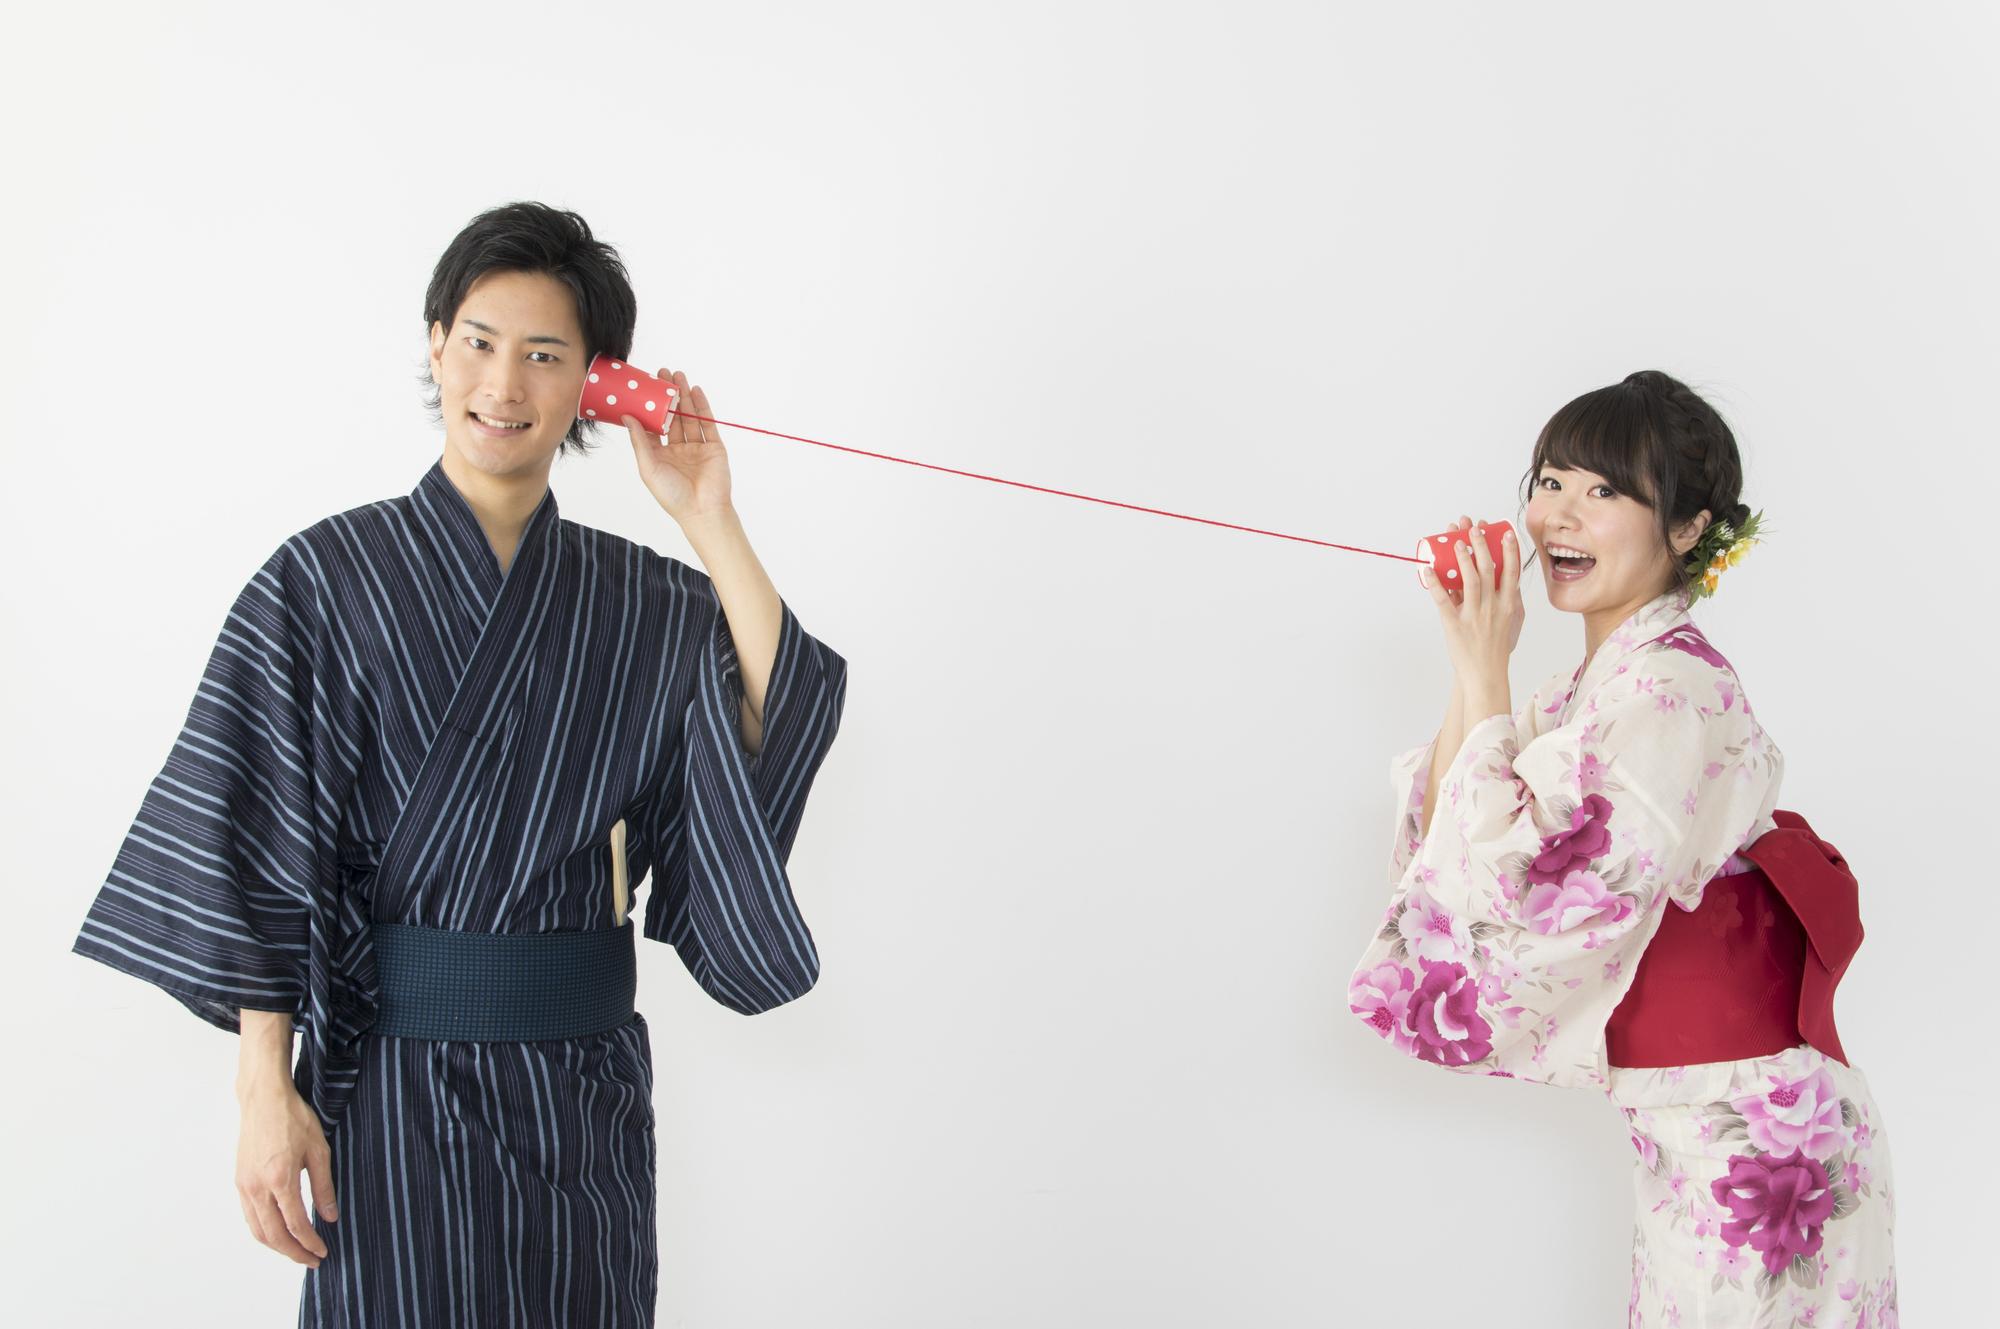 糸電話 イメージ写真